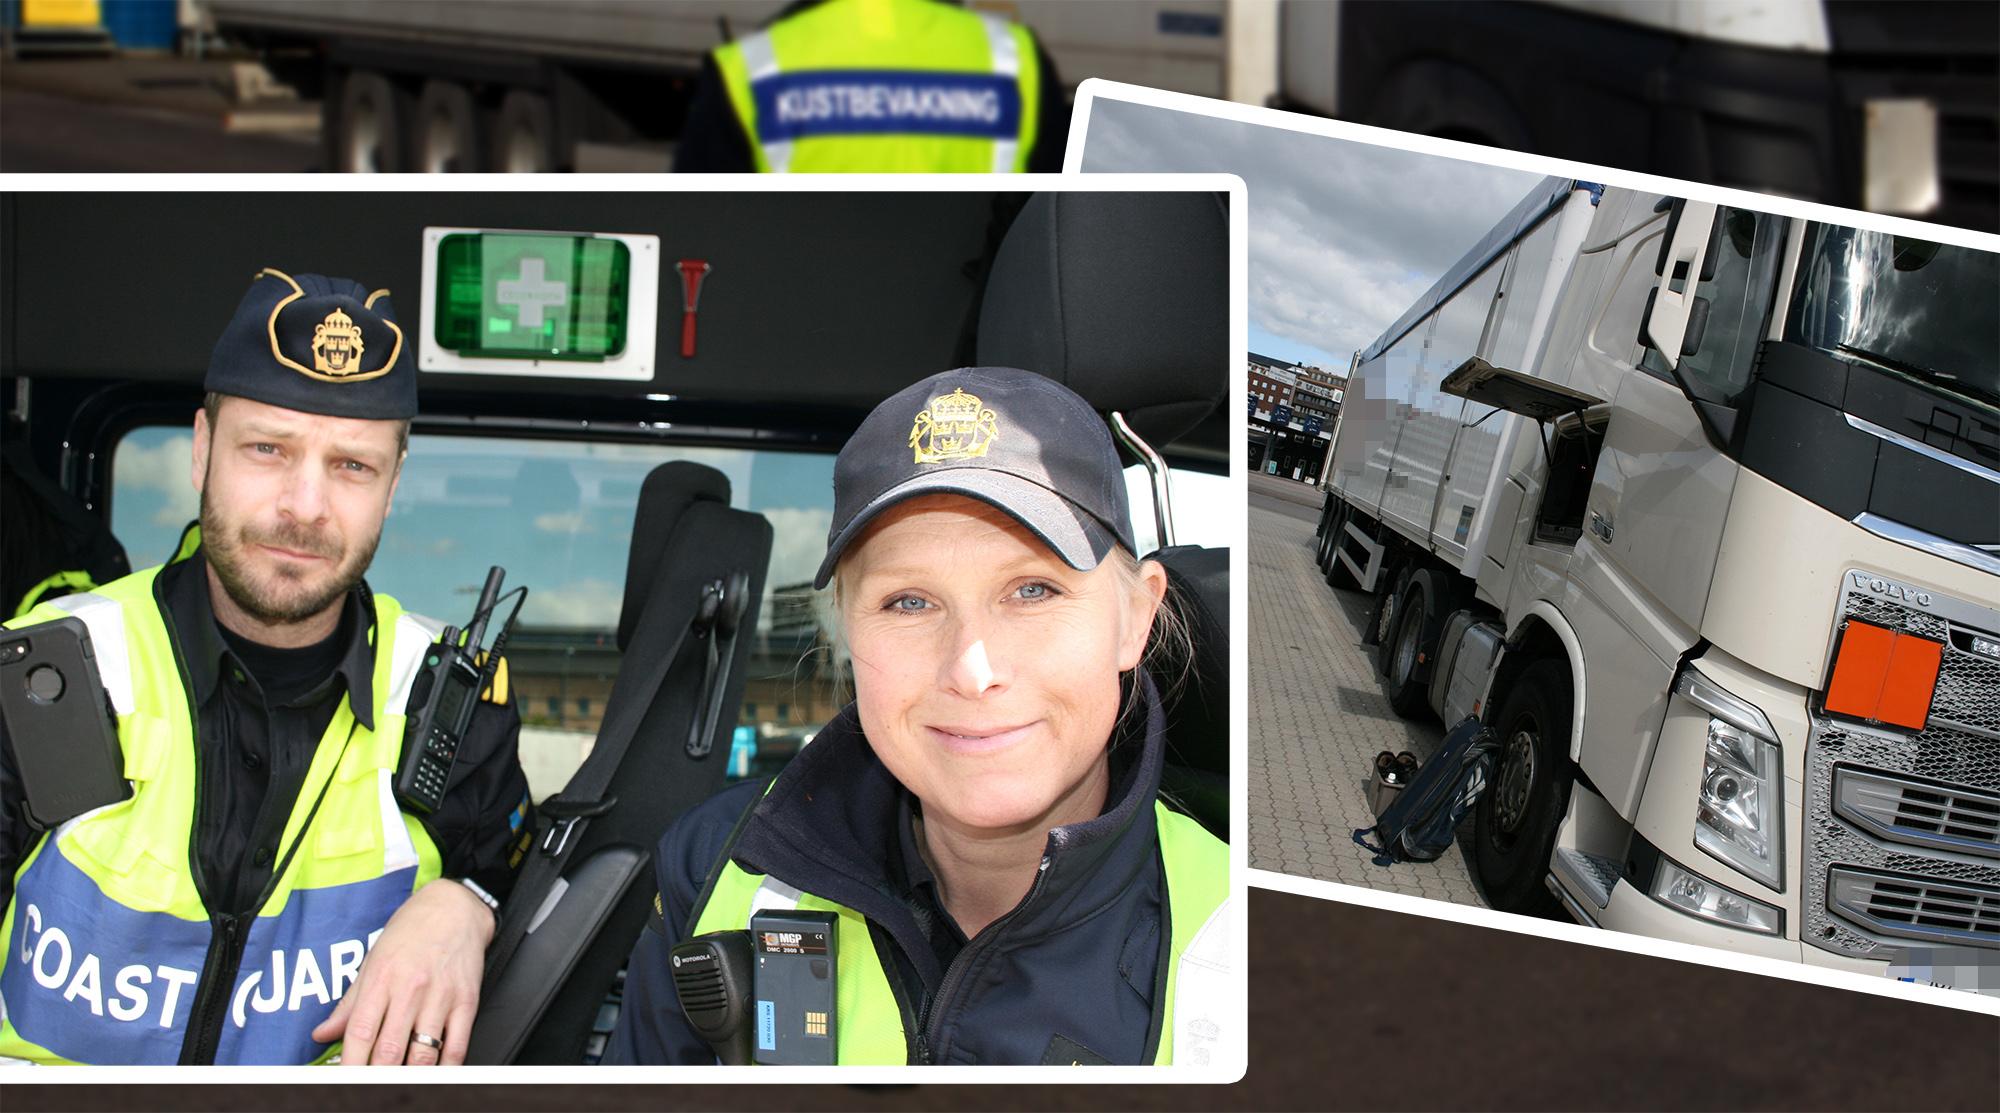 Farligt godsinspektörerna Daniel Nilsson och Jonna Ström kontrollerade det aktuella ekipaget.